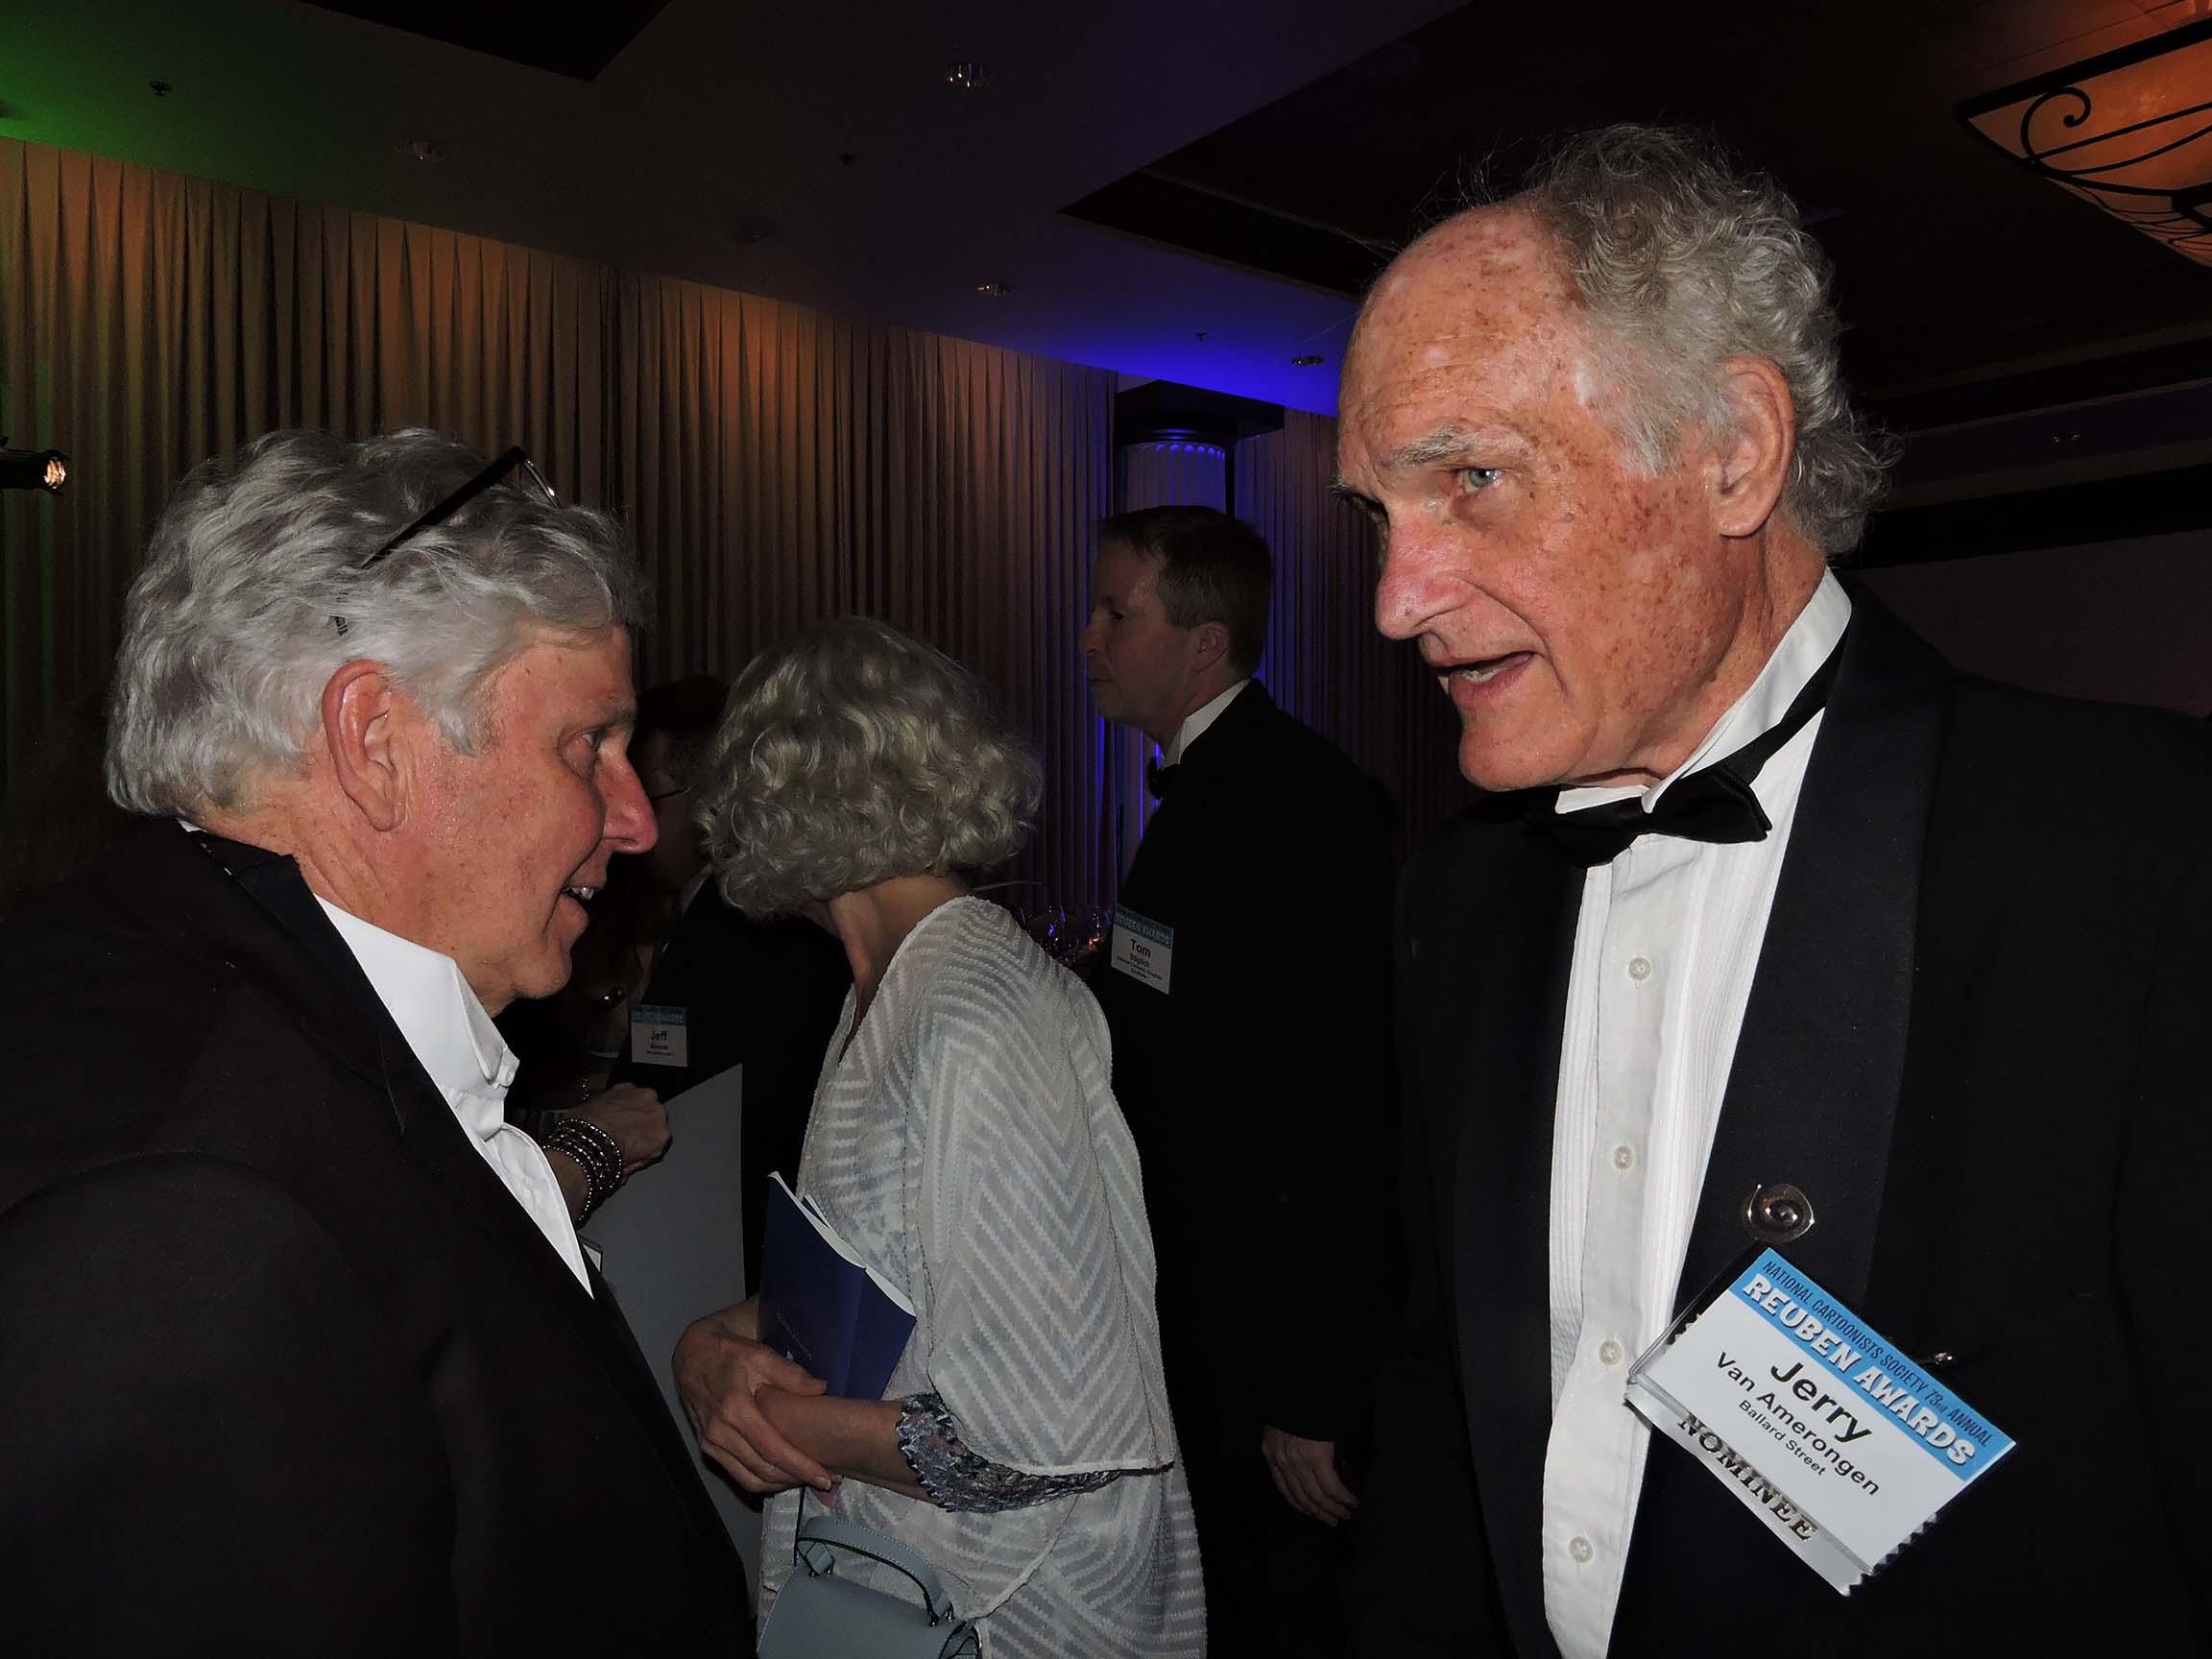 Dan McConnell (left) and Jerry Van Amerongen